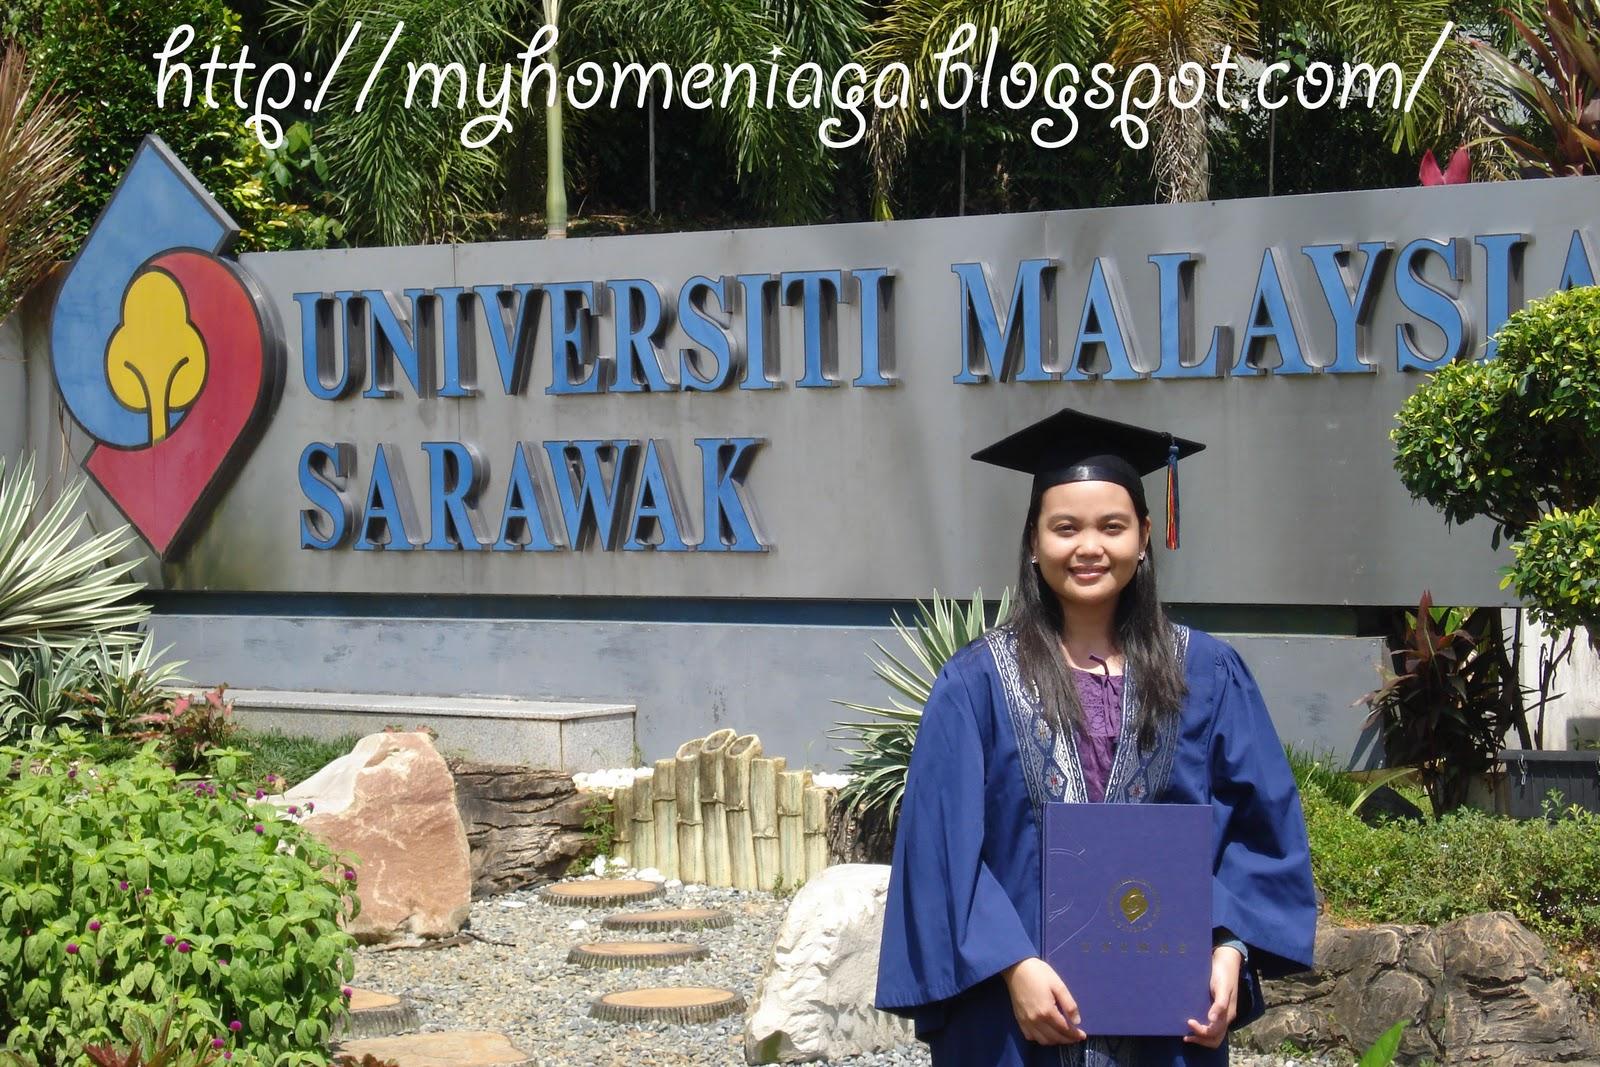 Hasil carian imej untuk Gambar Universiti Malaysia Sarawak